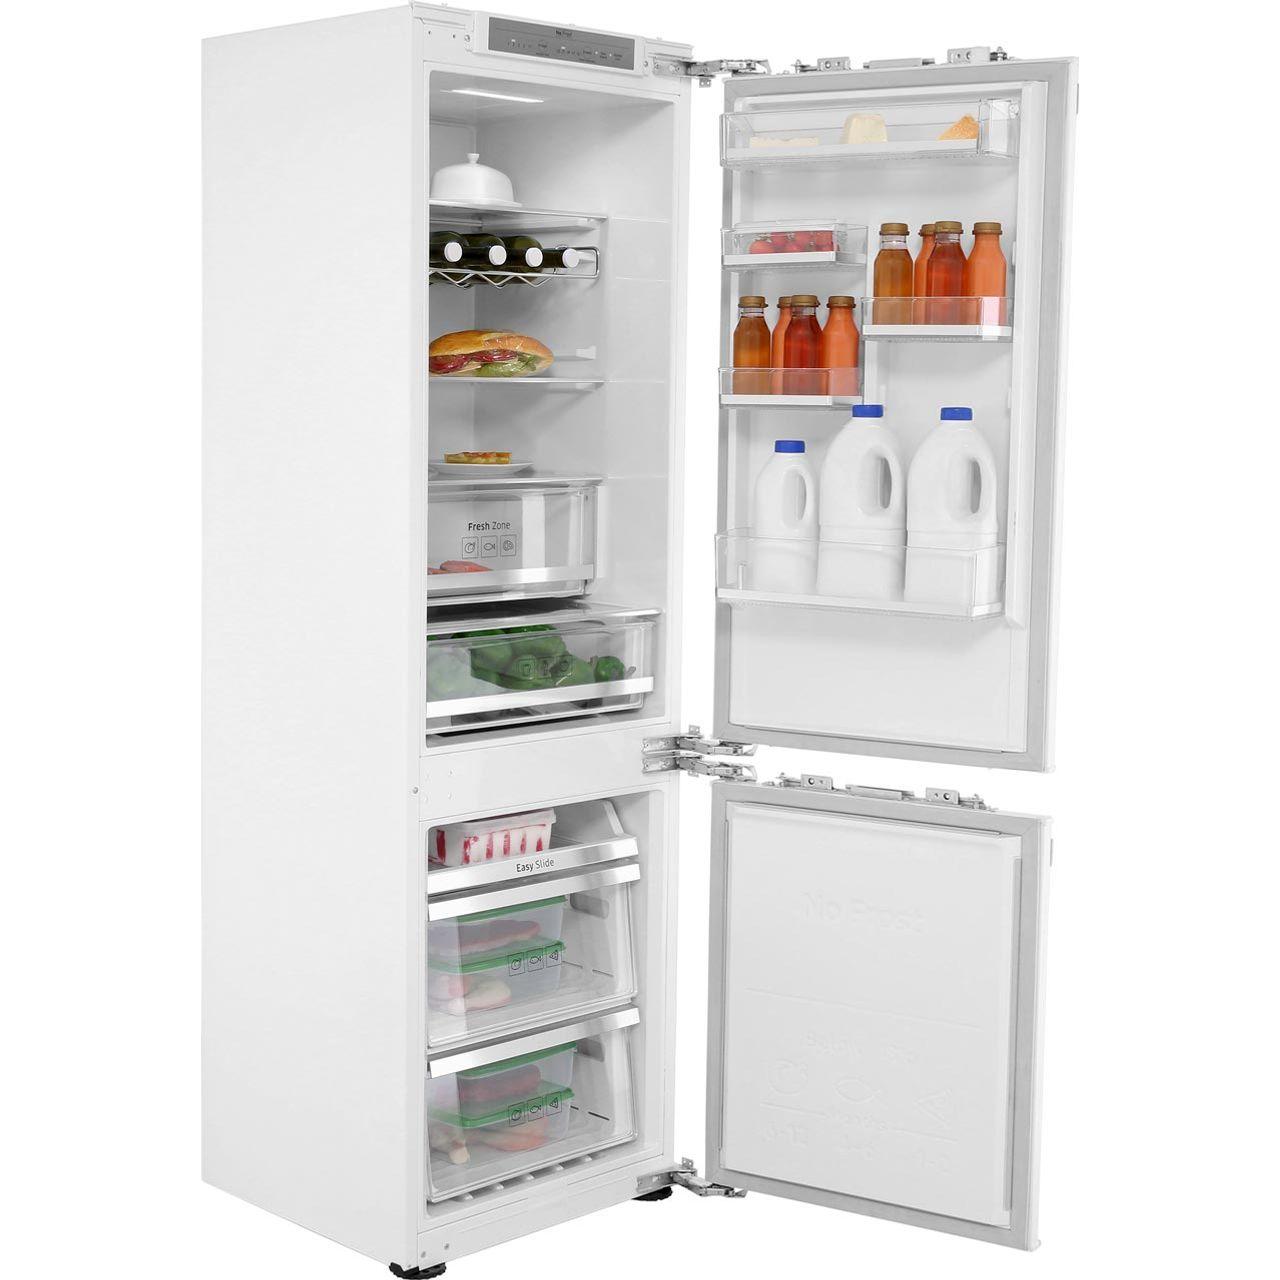 Samsung Brb260134ww Frost Free Fridge Freezer A Ao Com